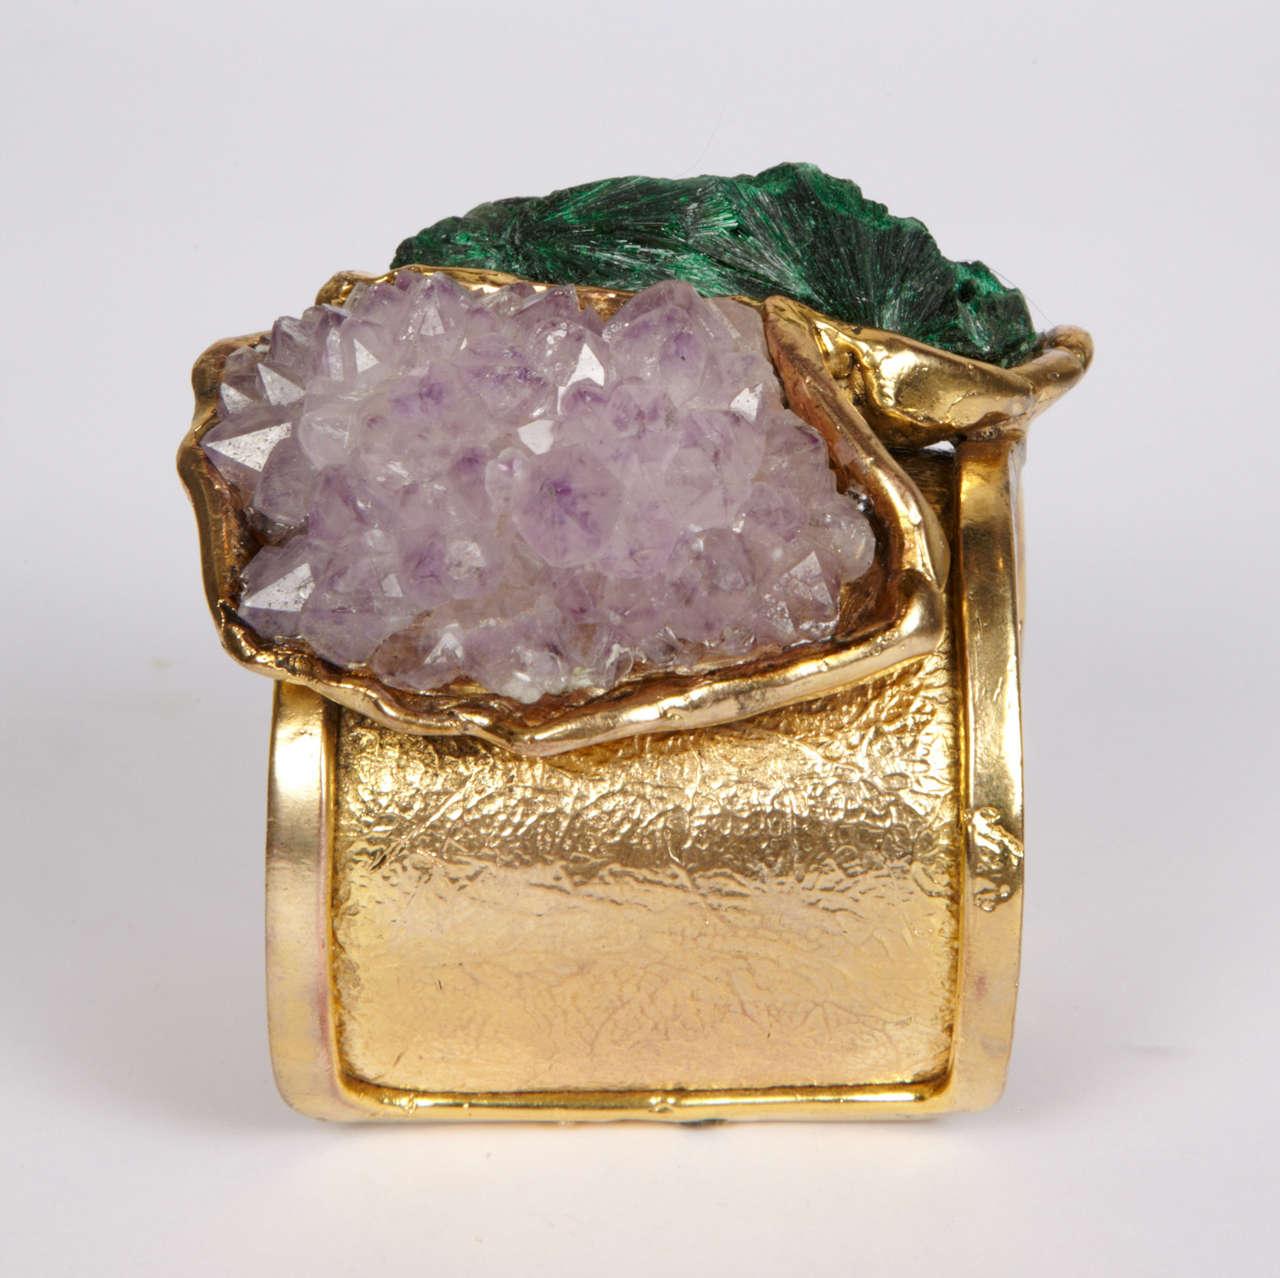 Valerie Egee -  Bronze Cuff Bracelet, Green Malachite, Rodocrosytis 6